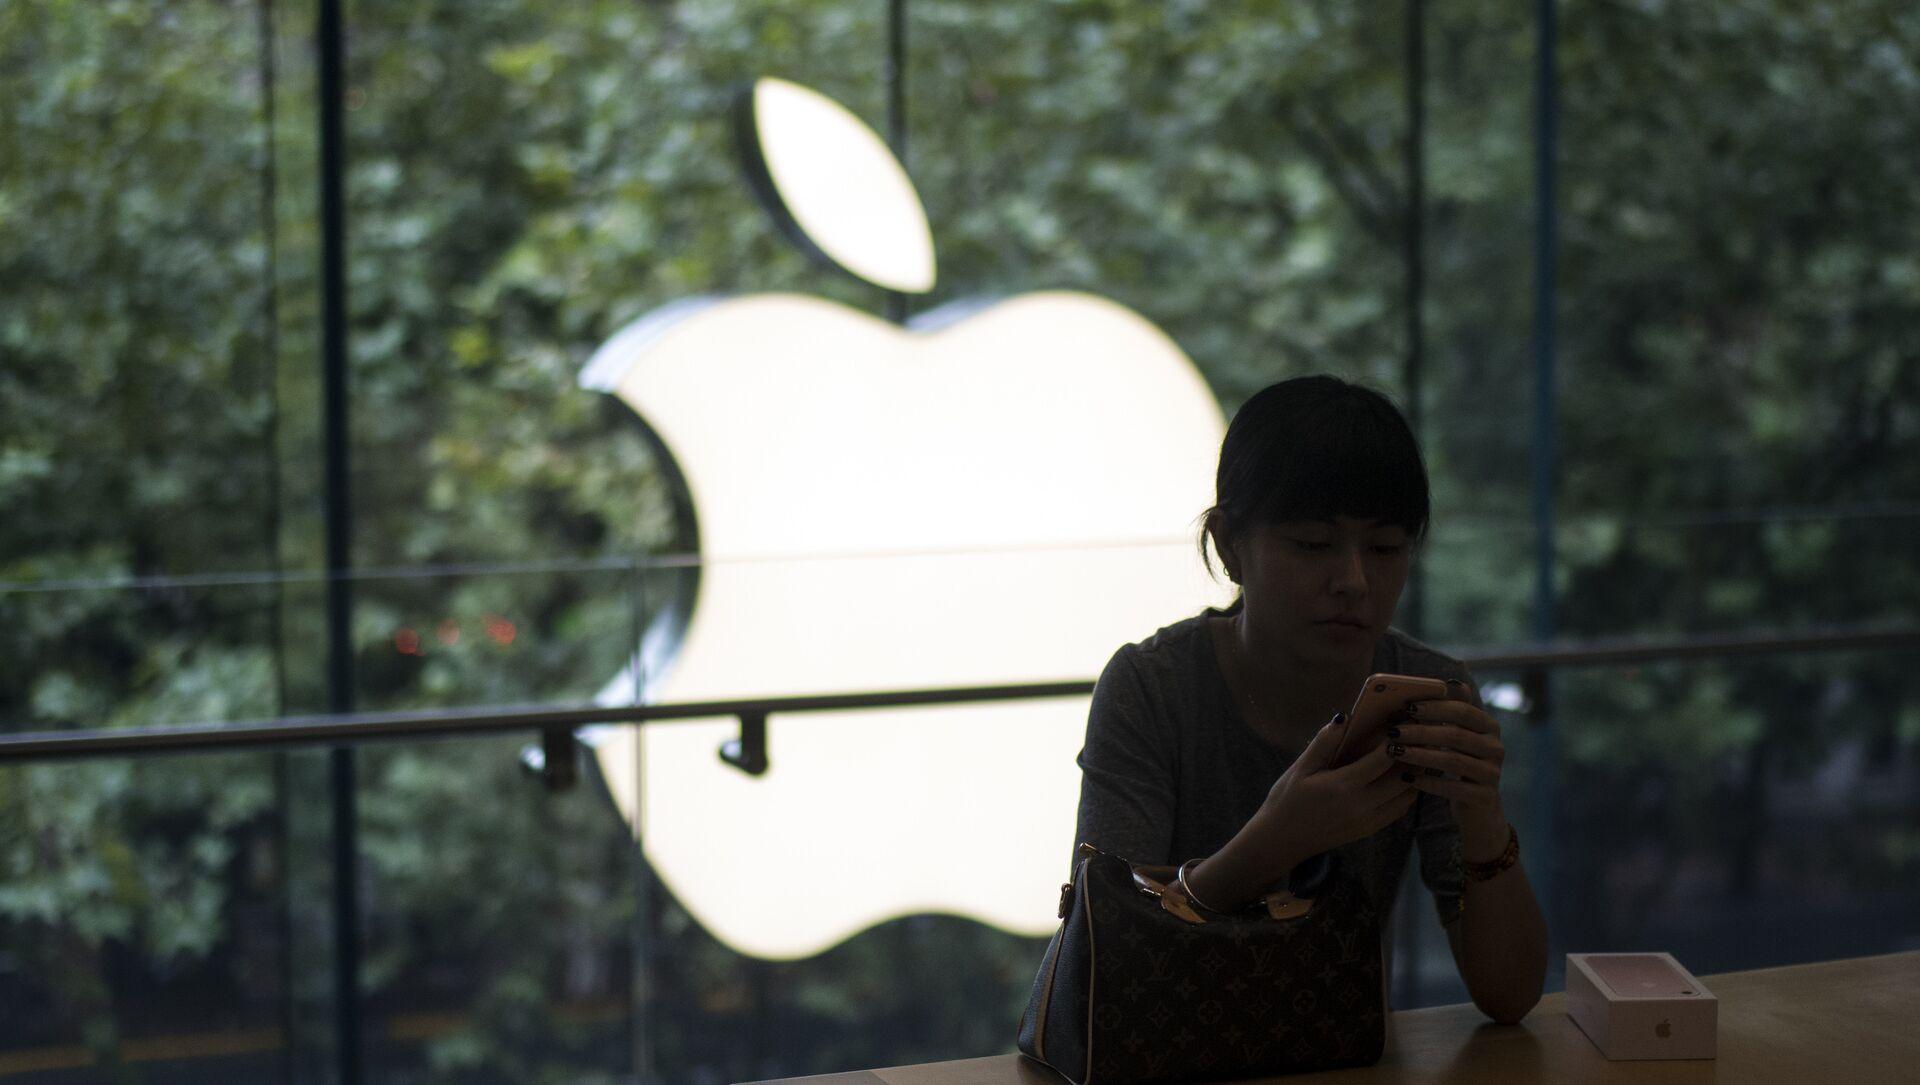 Một khách hàng Trung Quốc thiết lập iPhone 7 mới của cô ấy trong buổi khai trương mở bán tại một cửa hàng Apple ở Thượng Hải - Sputnik Việt Nam, 1920, 31.03.2021